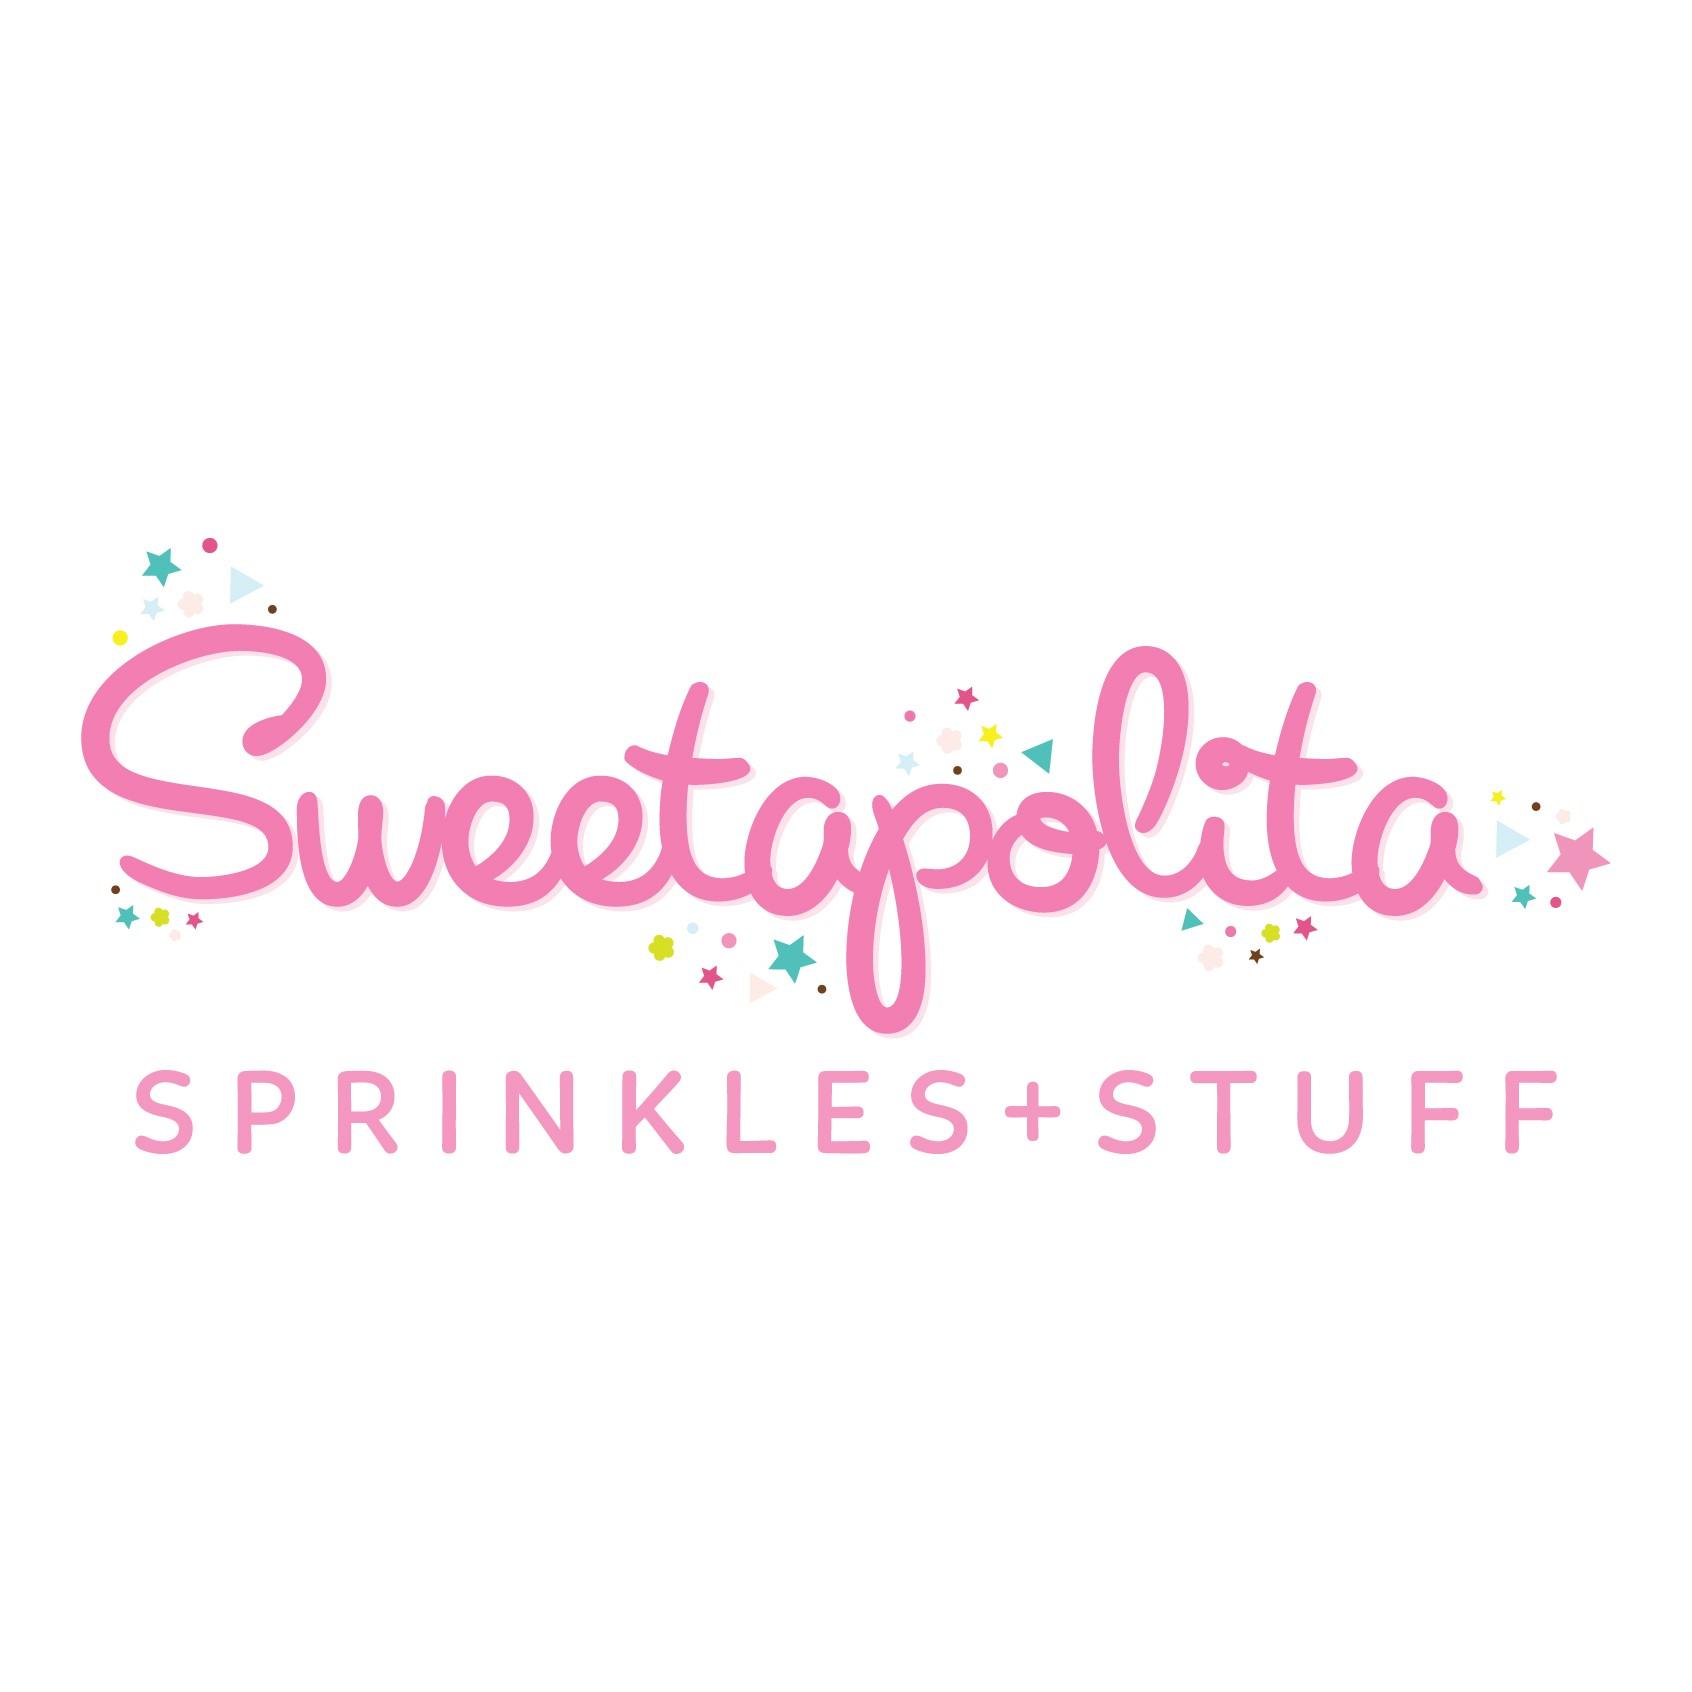 SweetapolitaLogo